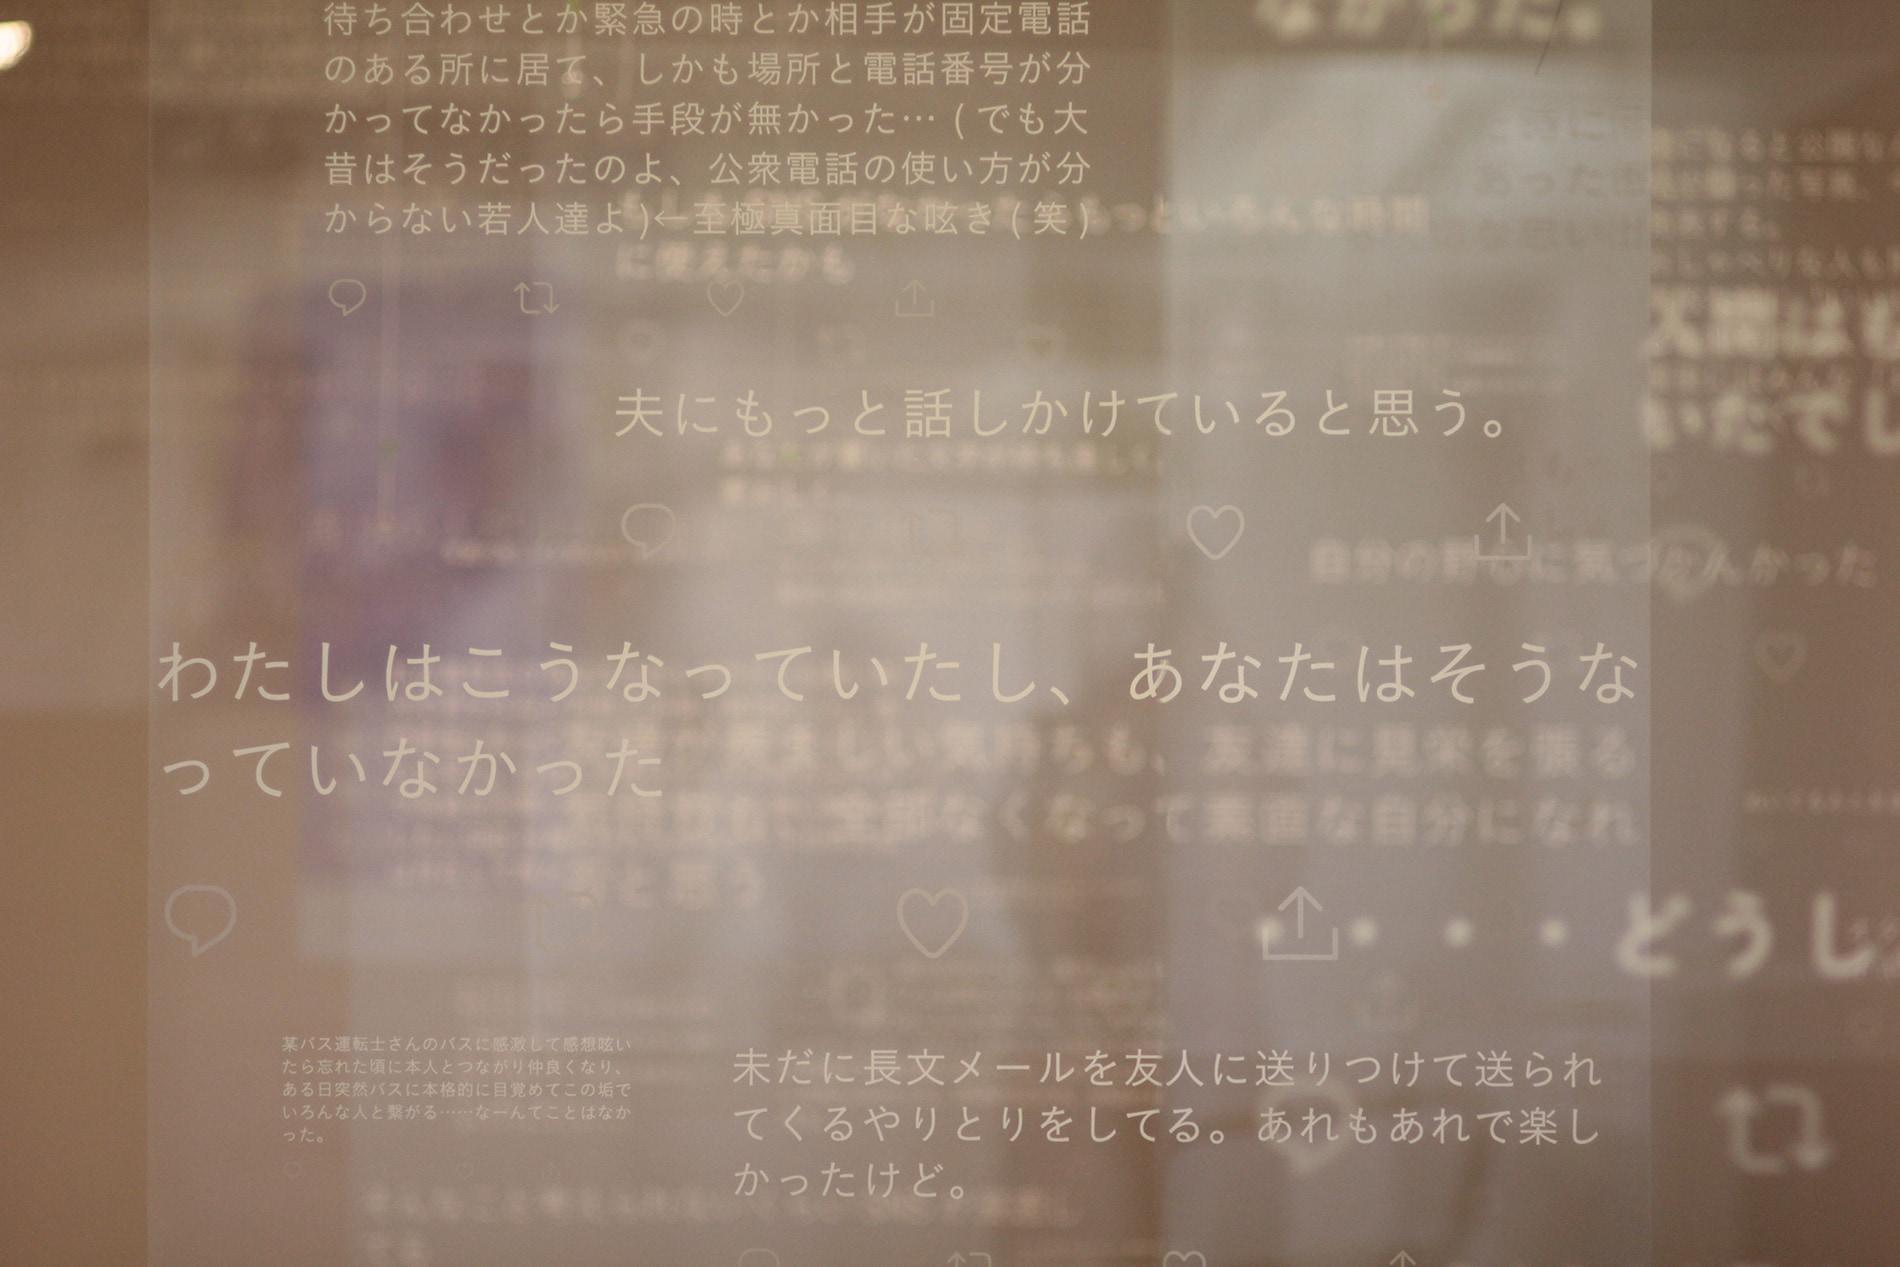 SNS展 #もしもSNSがなかったら / アーツ千代田3331 09 ミナトジムショ